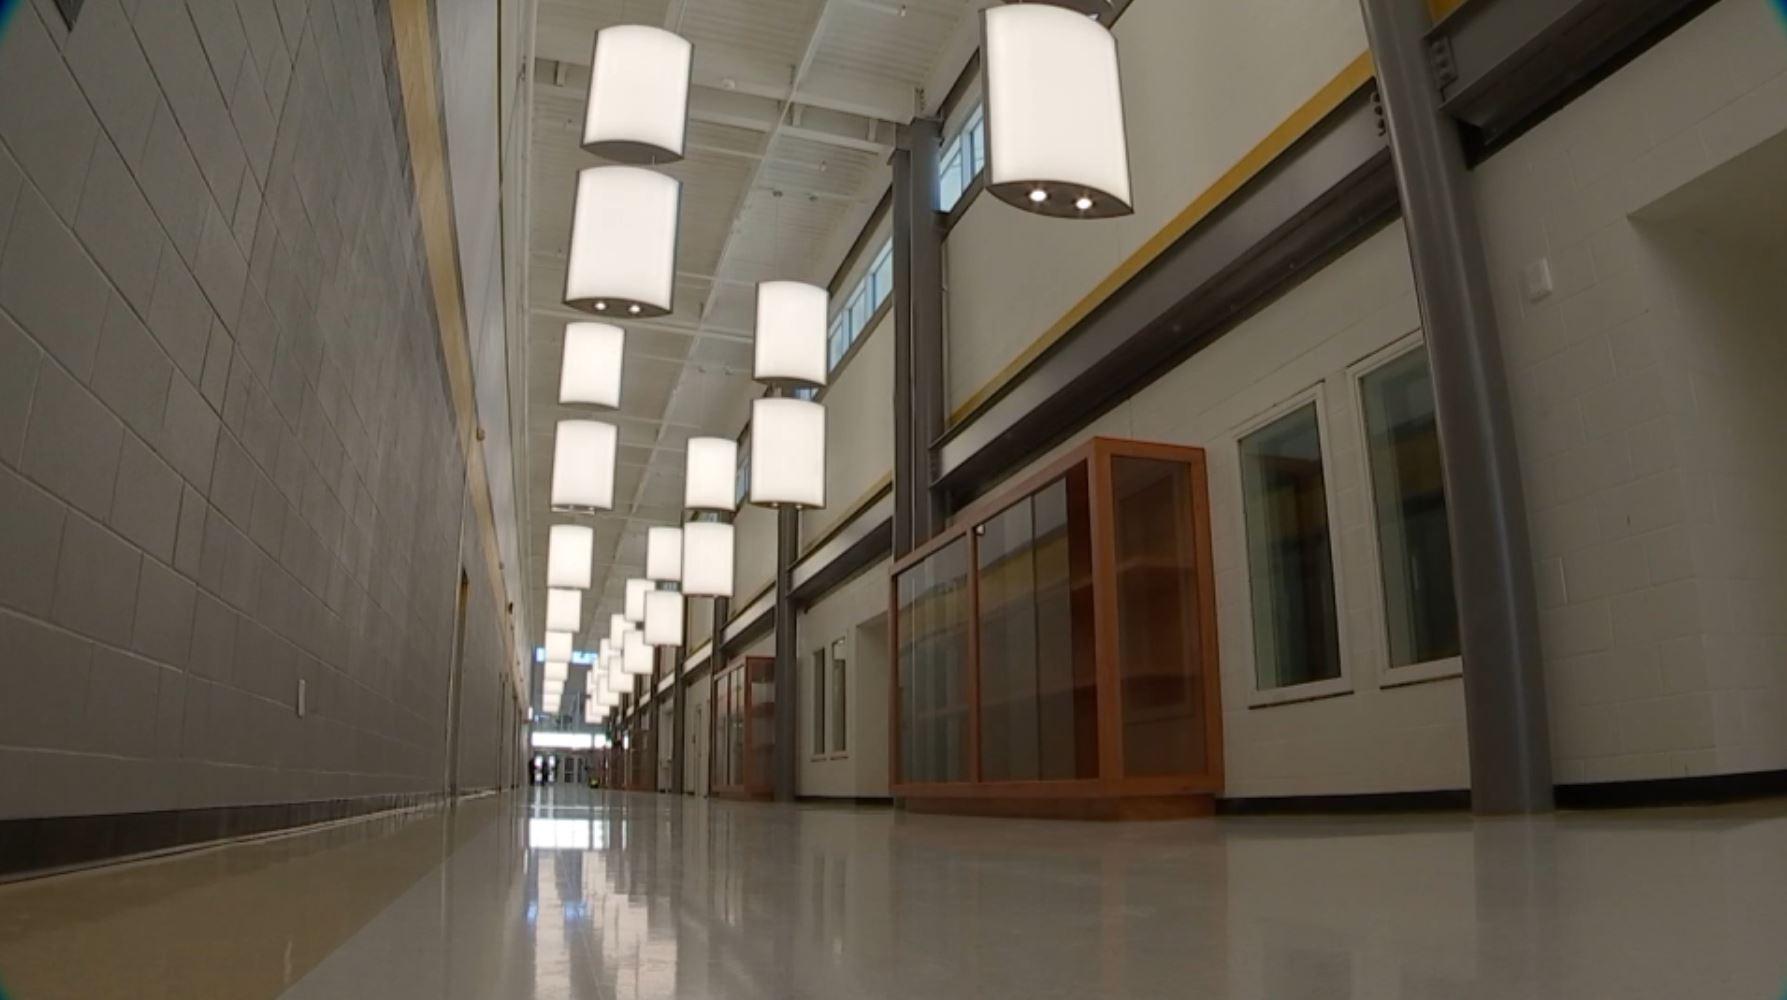 Gallery Peek Inside New South Oak Cliff High School Nbc 5 Dallas Fort Worth